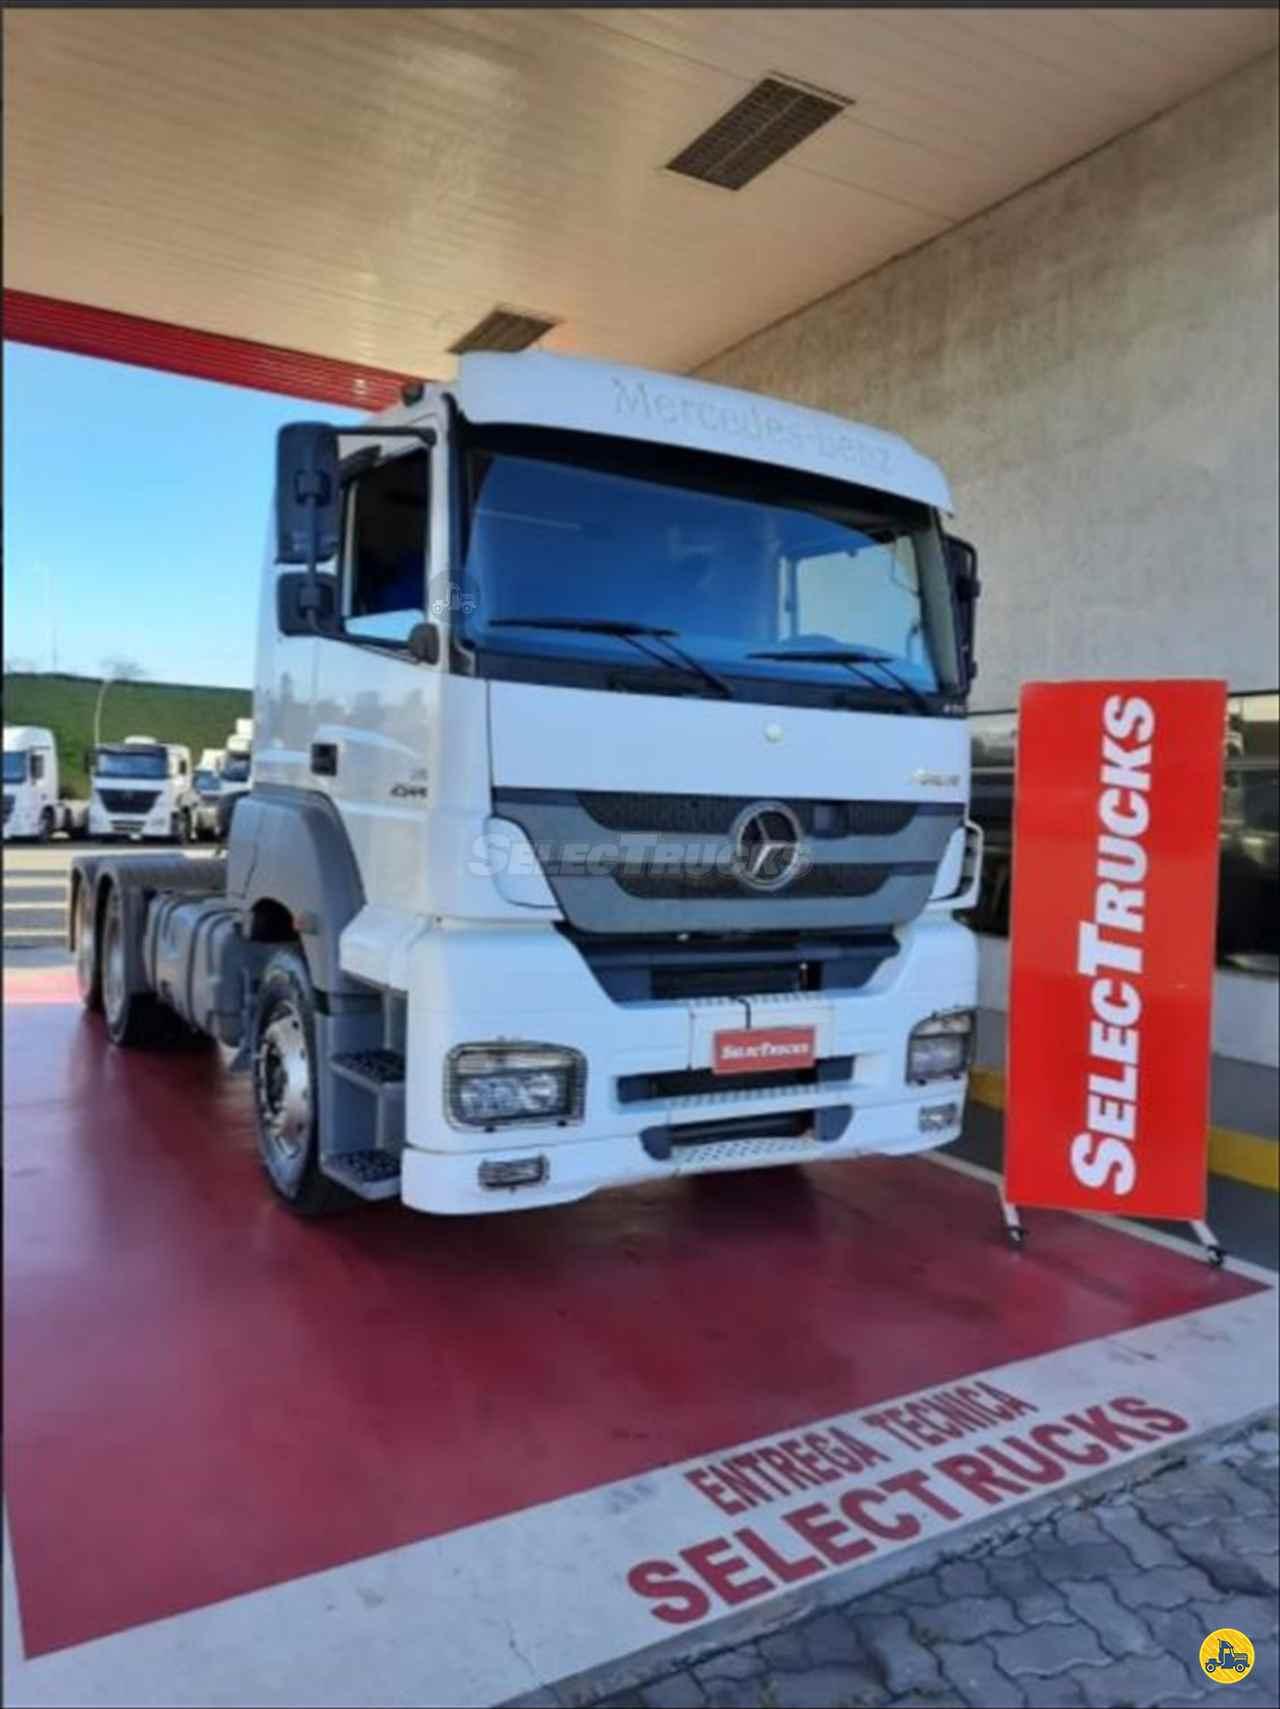 CAMINHAO MERCEDES-BENZ MB 2544 Aves Vivas Truck 6x2 SelecTrucks - Mauá SP - Matriz  MAUA SÃO PAULO SP